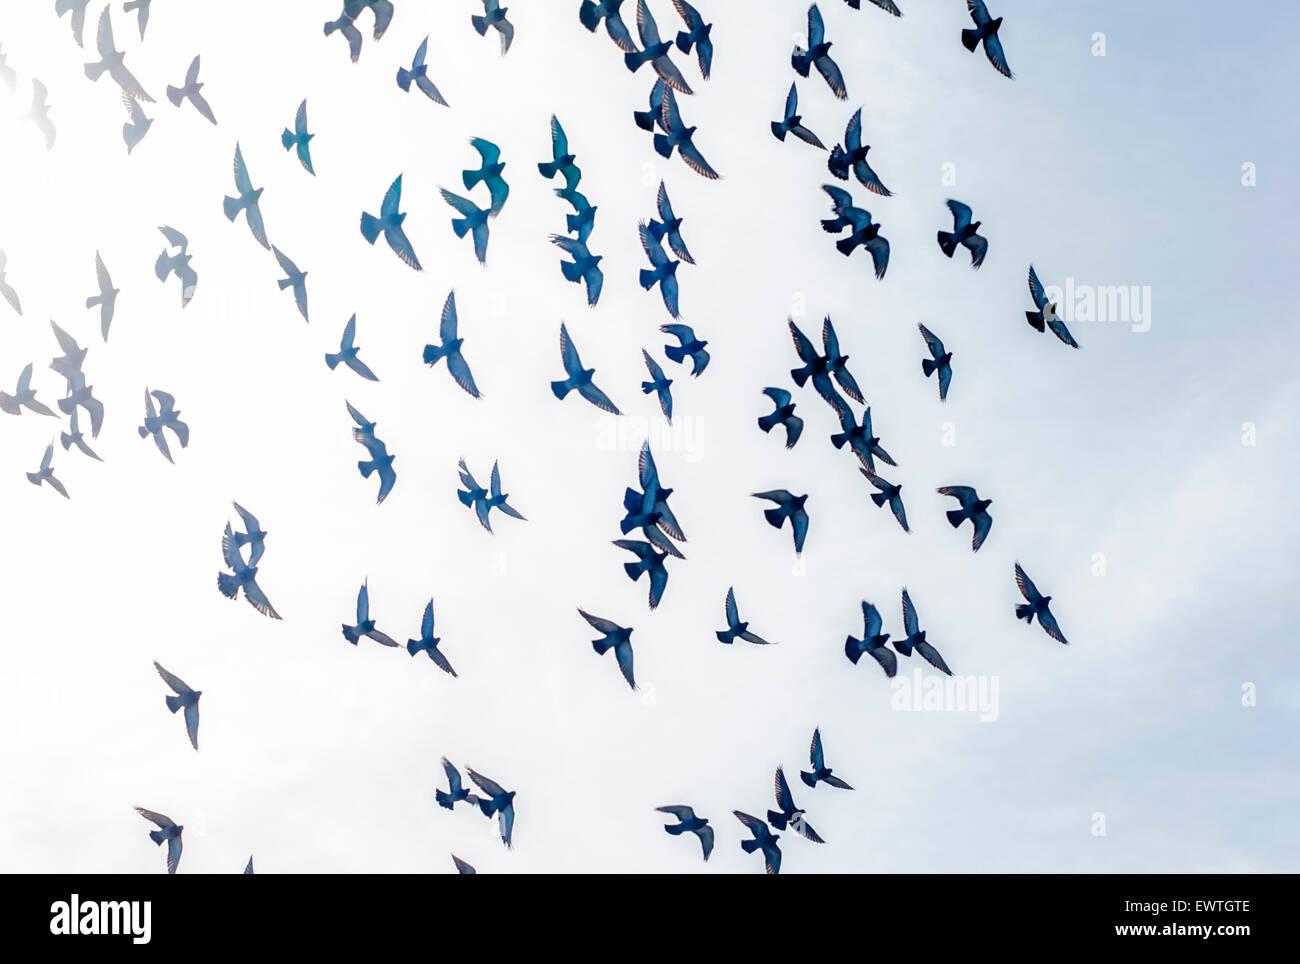 Les oiseaux dans le soleil à la Jolla, Californie Banque D'Images